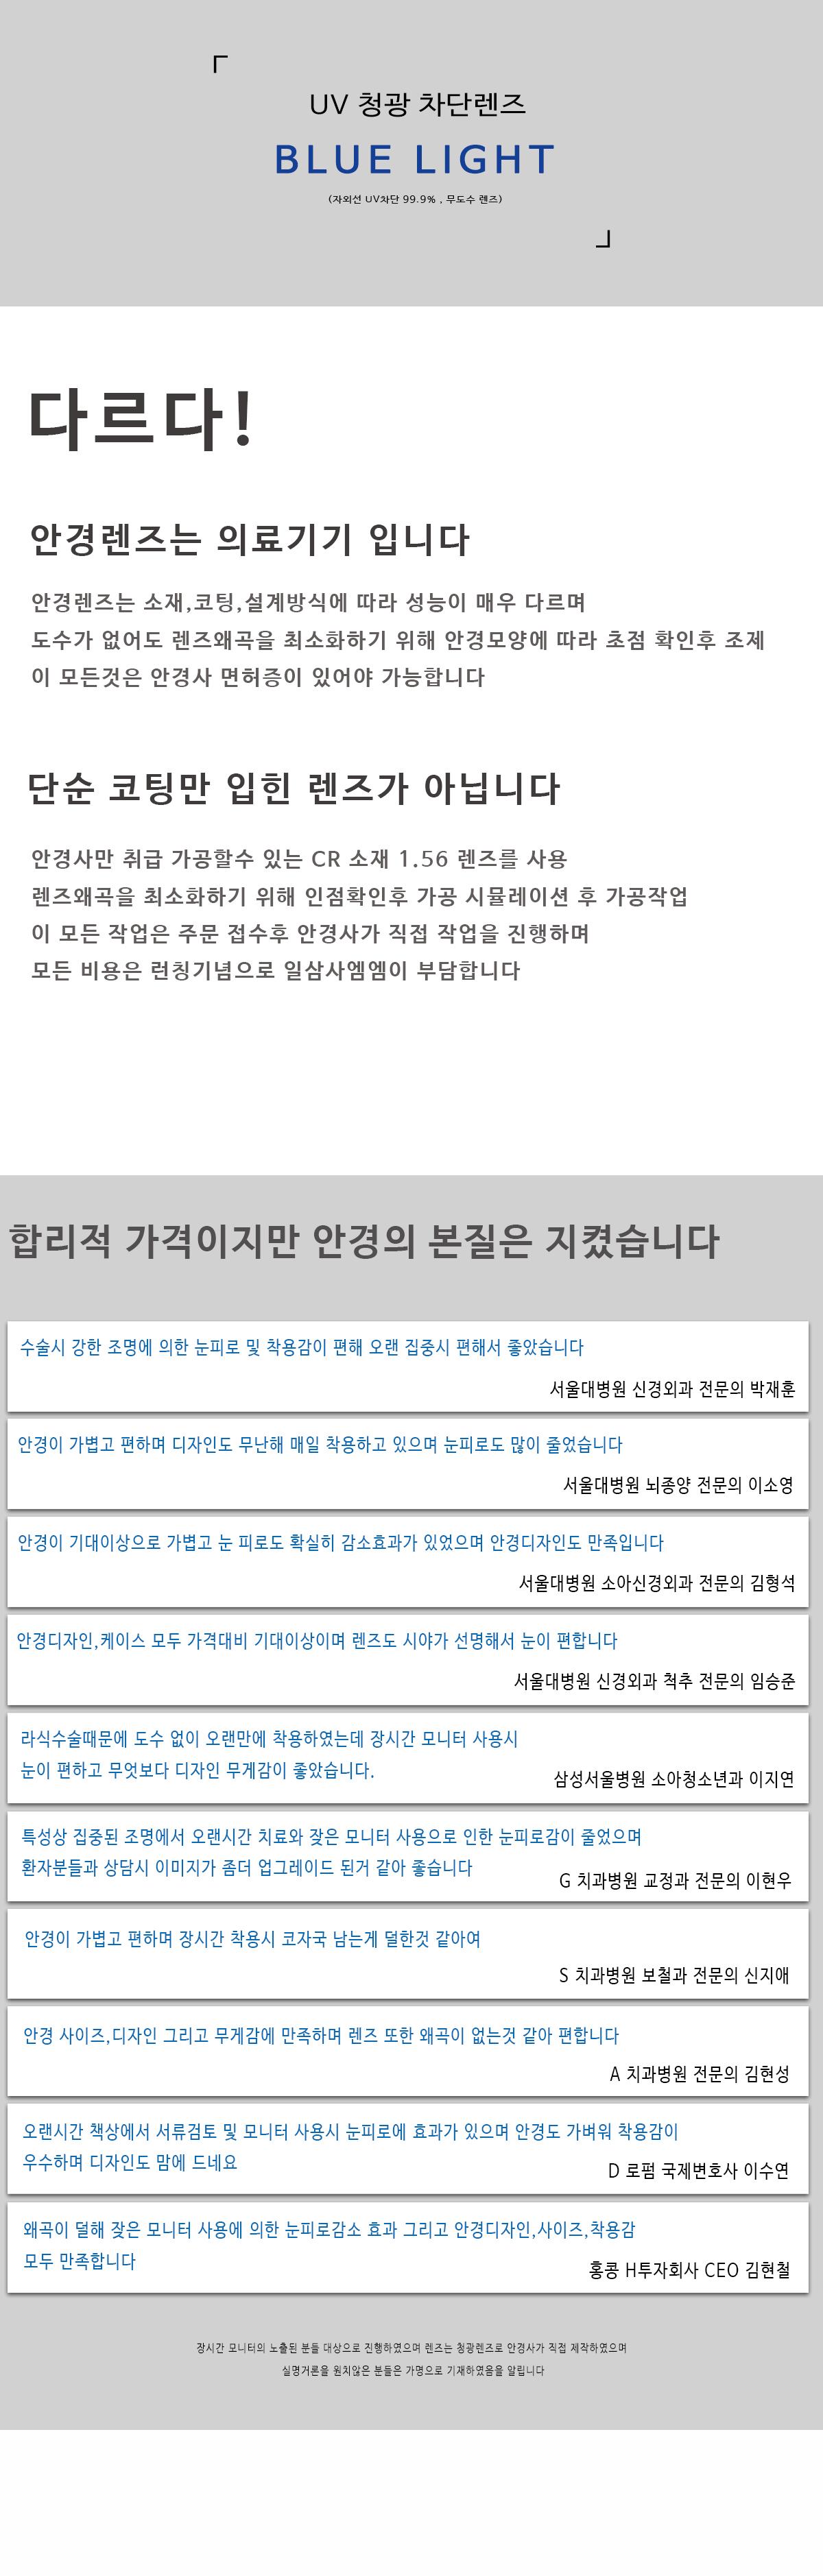 일삼사엠엠(134MM) M000707 베이직블랙 (청광렌즈 주문제작)